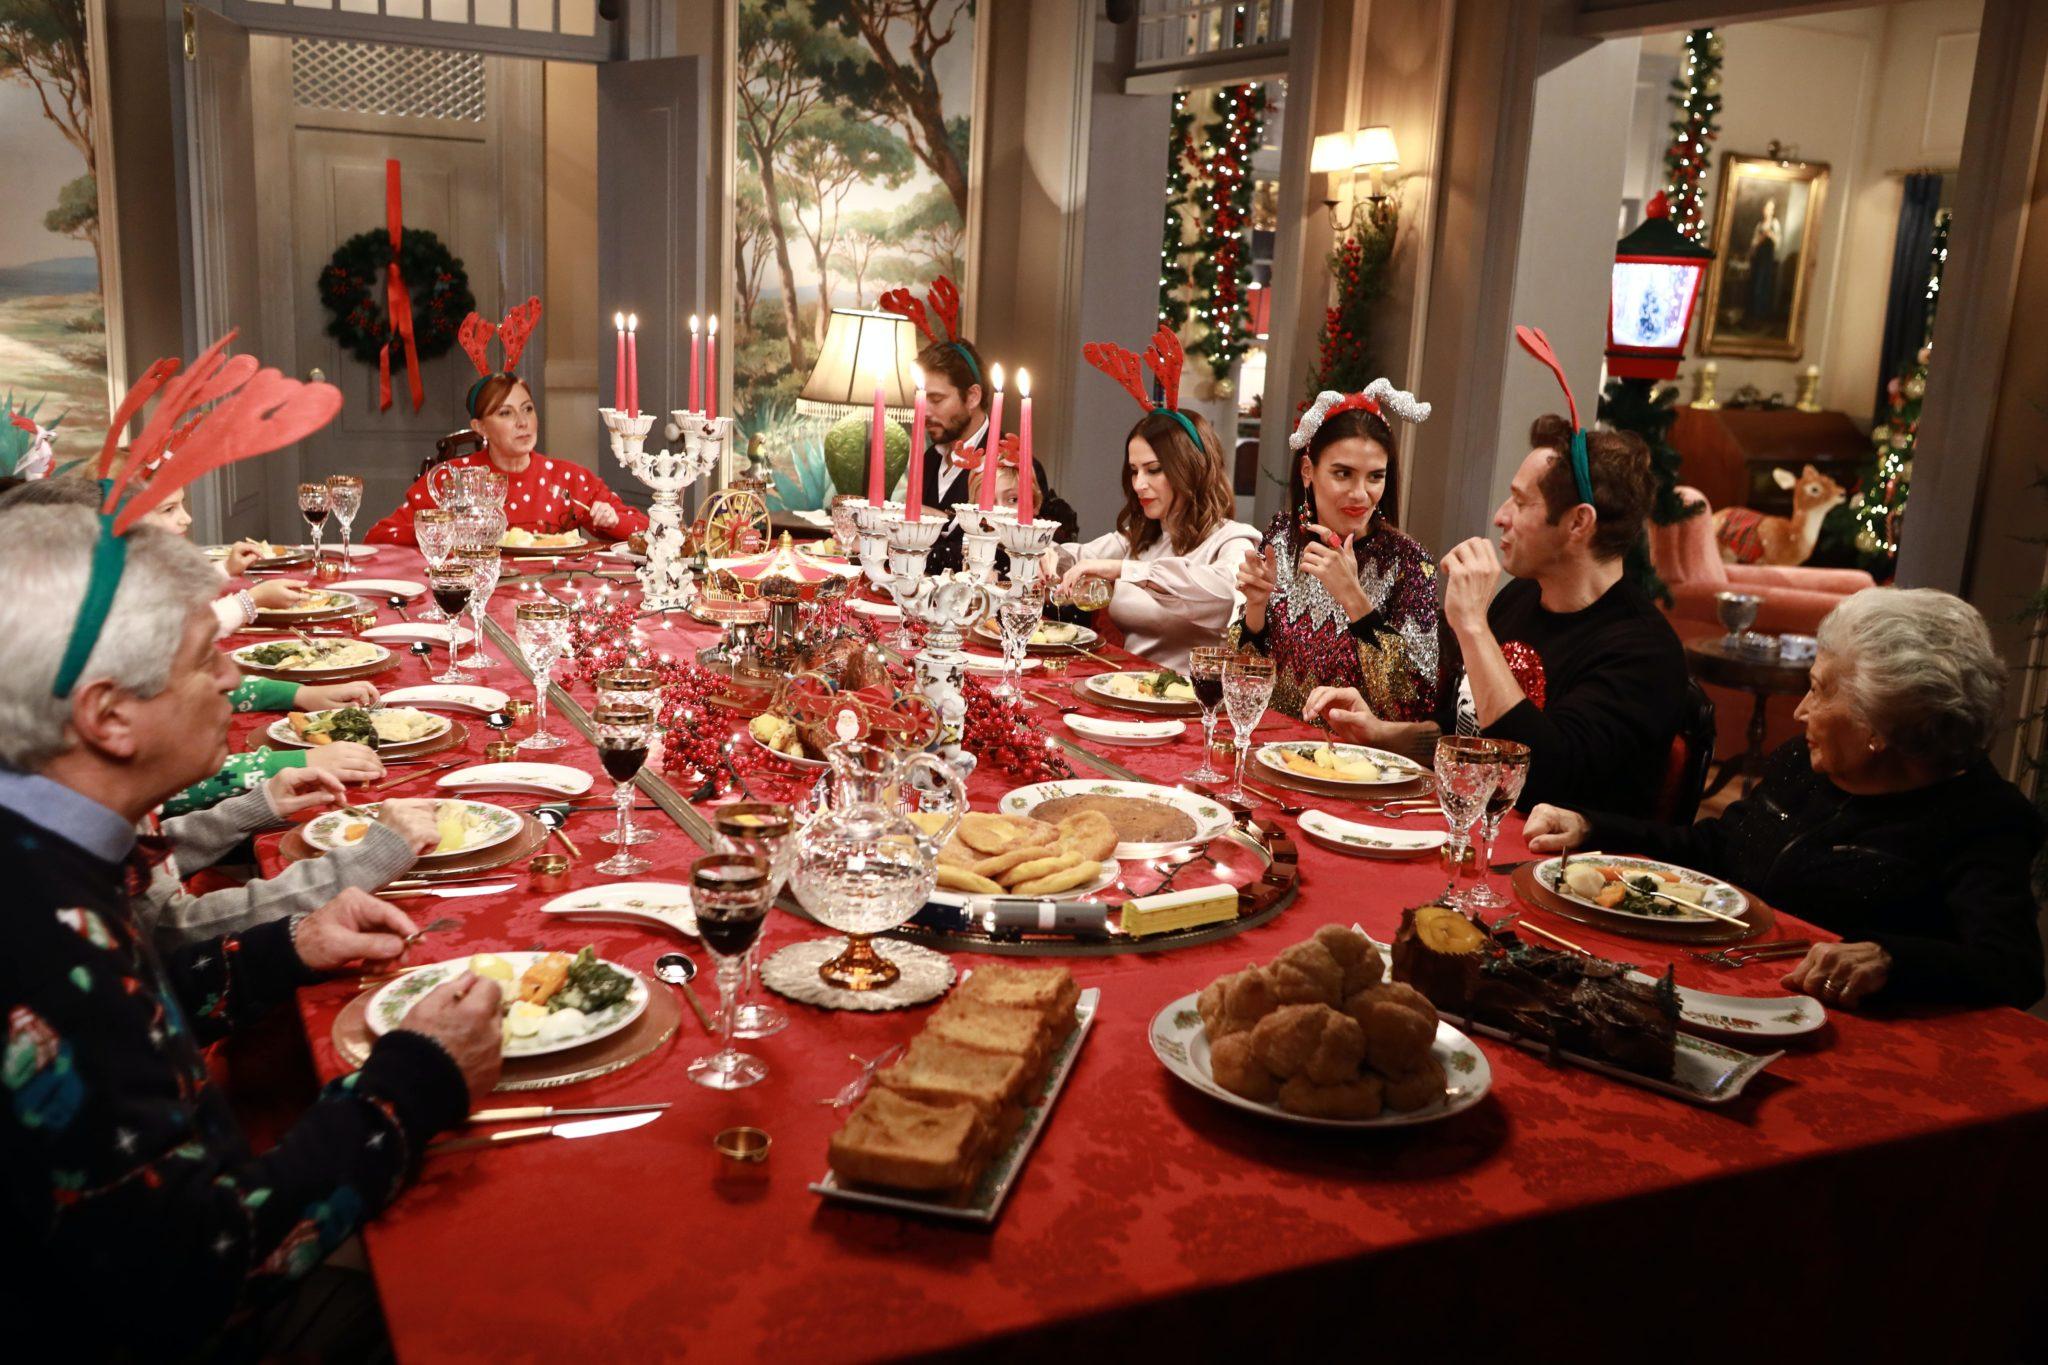 Golpe De Sorte Um Conto De Natal 16 Scaled 'Golpe De Sorte: Um Conto De Natal' Derruba A Concorrência